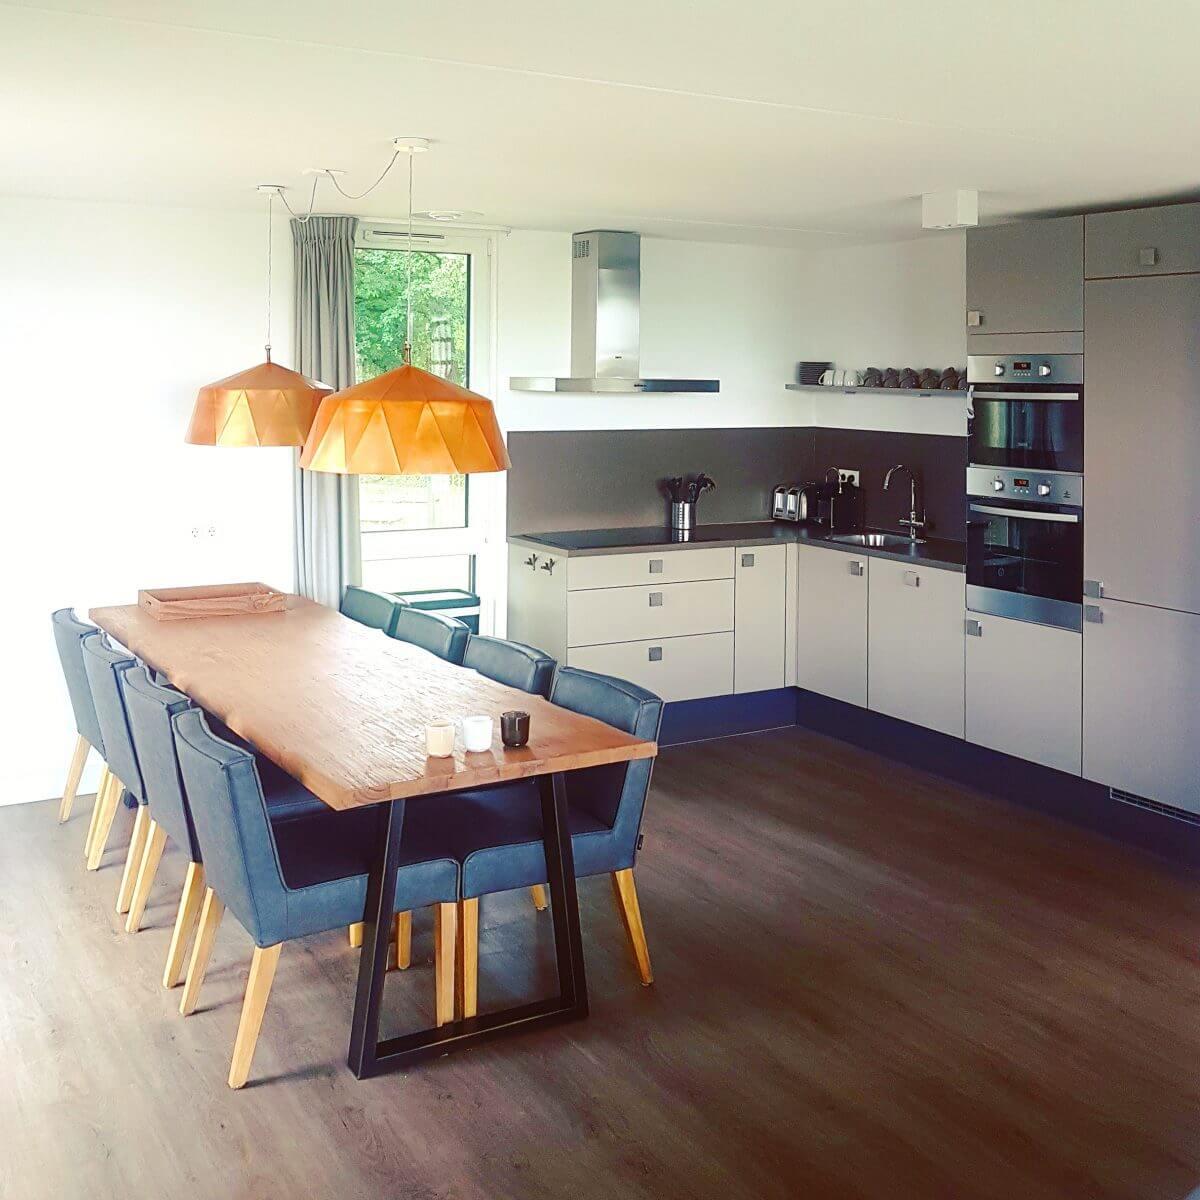 Landal Mont Royal: spelen, zwemmen, wijnproeven en een panoramisch uitzicht - nieuwe energieneutrale bungalows type 8L